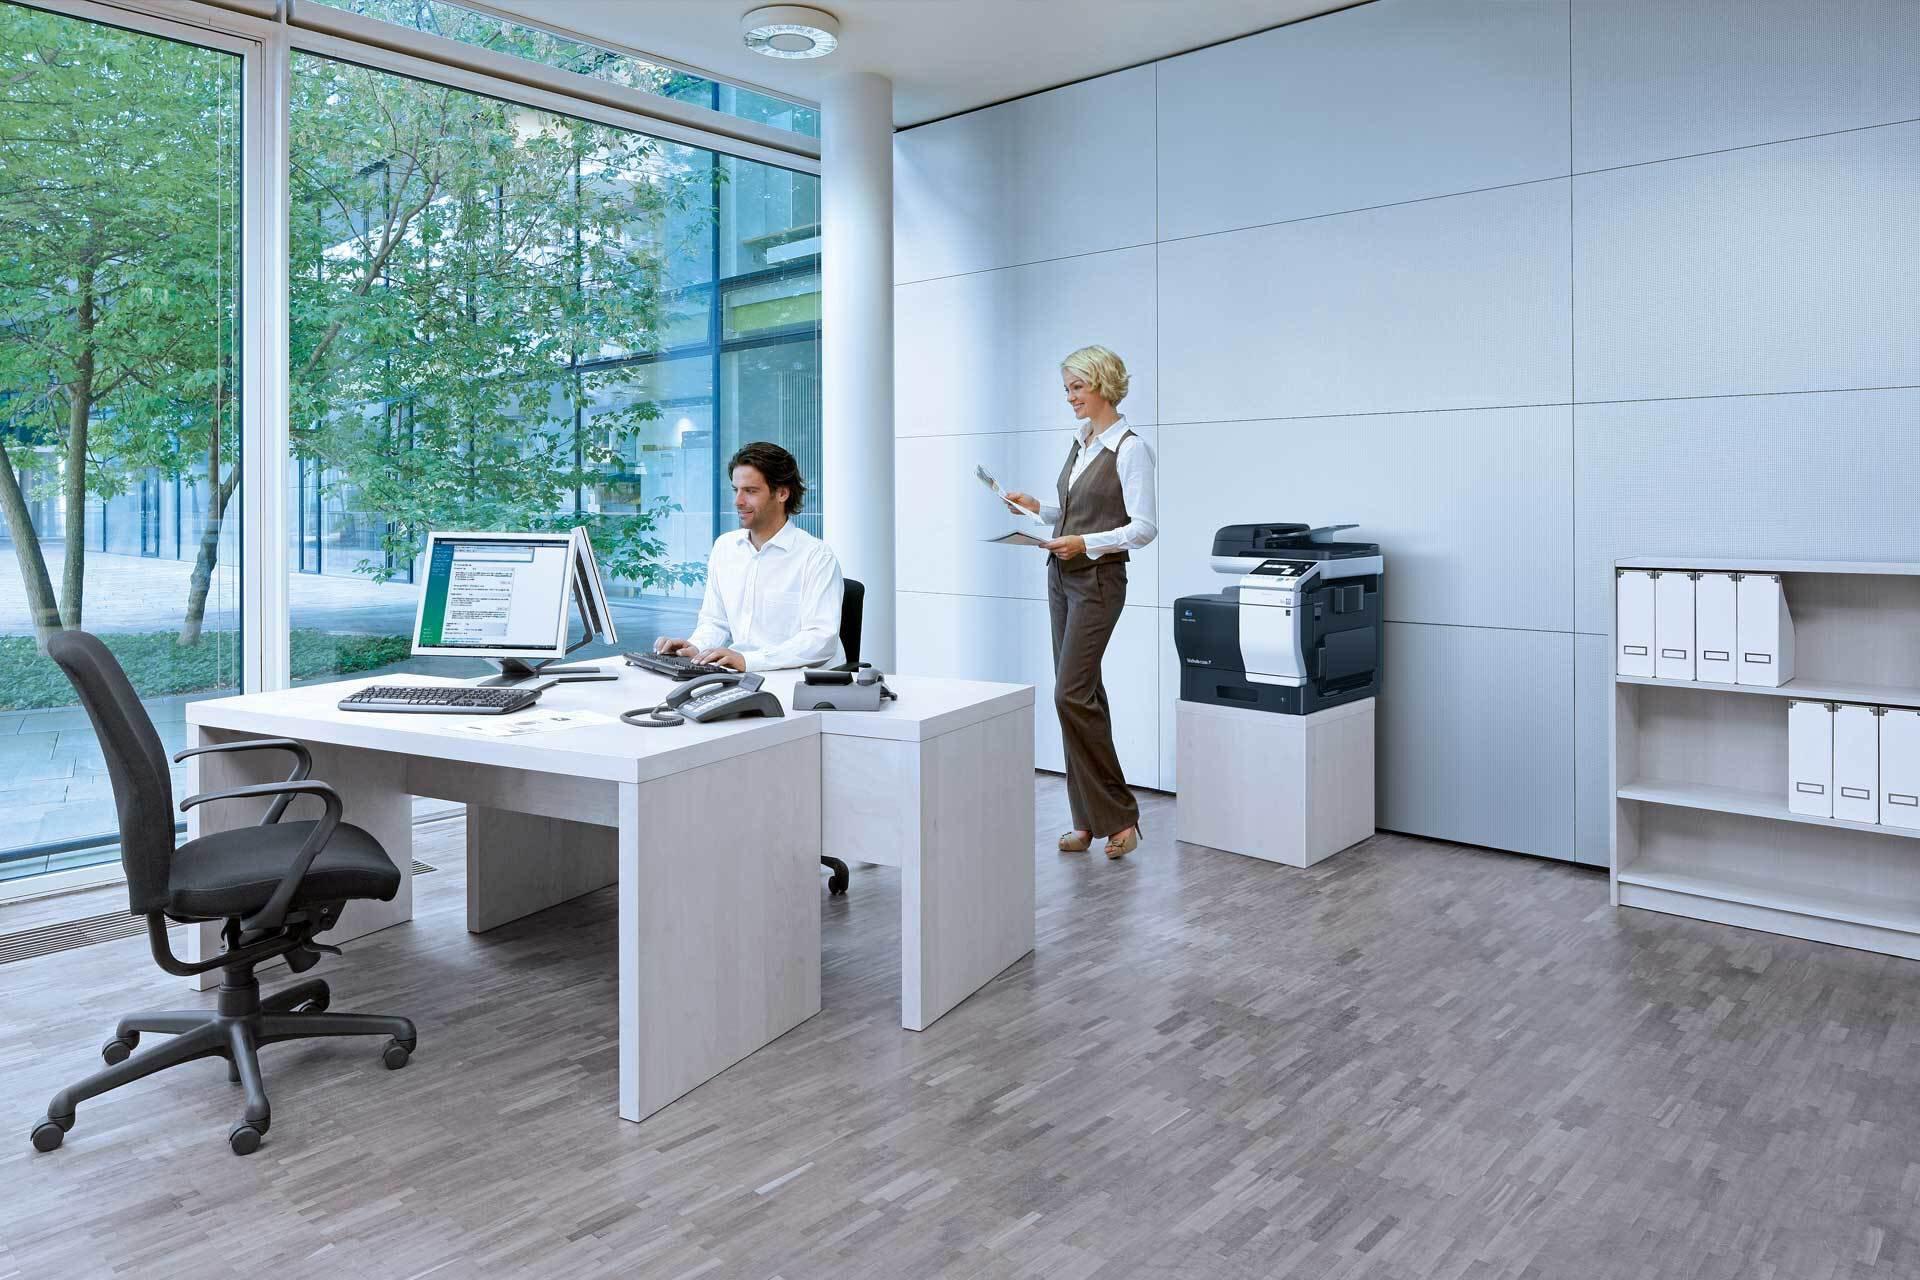 Multifunkcijski barvni laserski tiskalnik za varno, celovito in optimizirano poslovanje